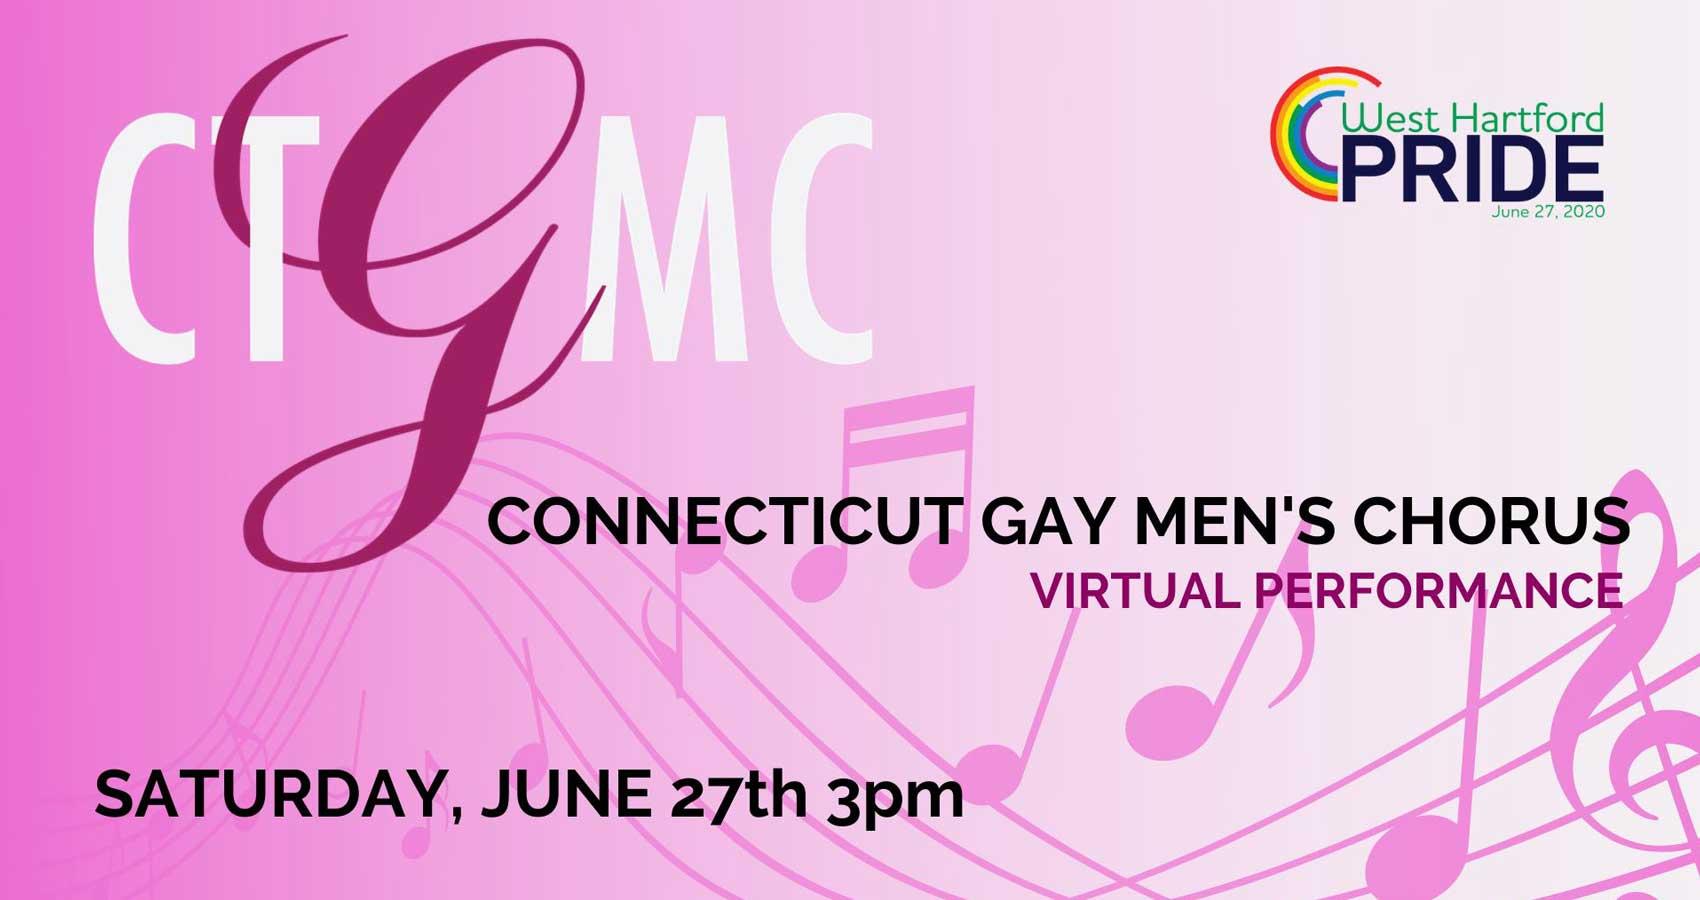 CT Gay Mens Chorus